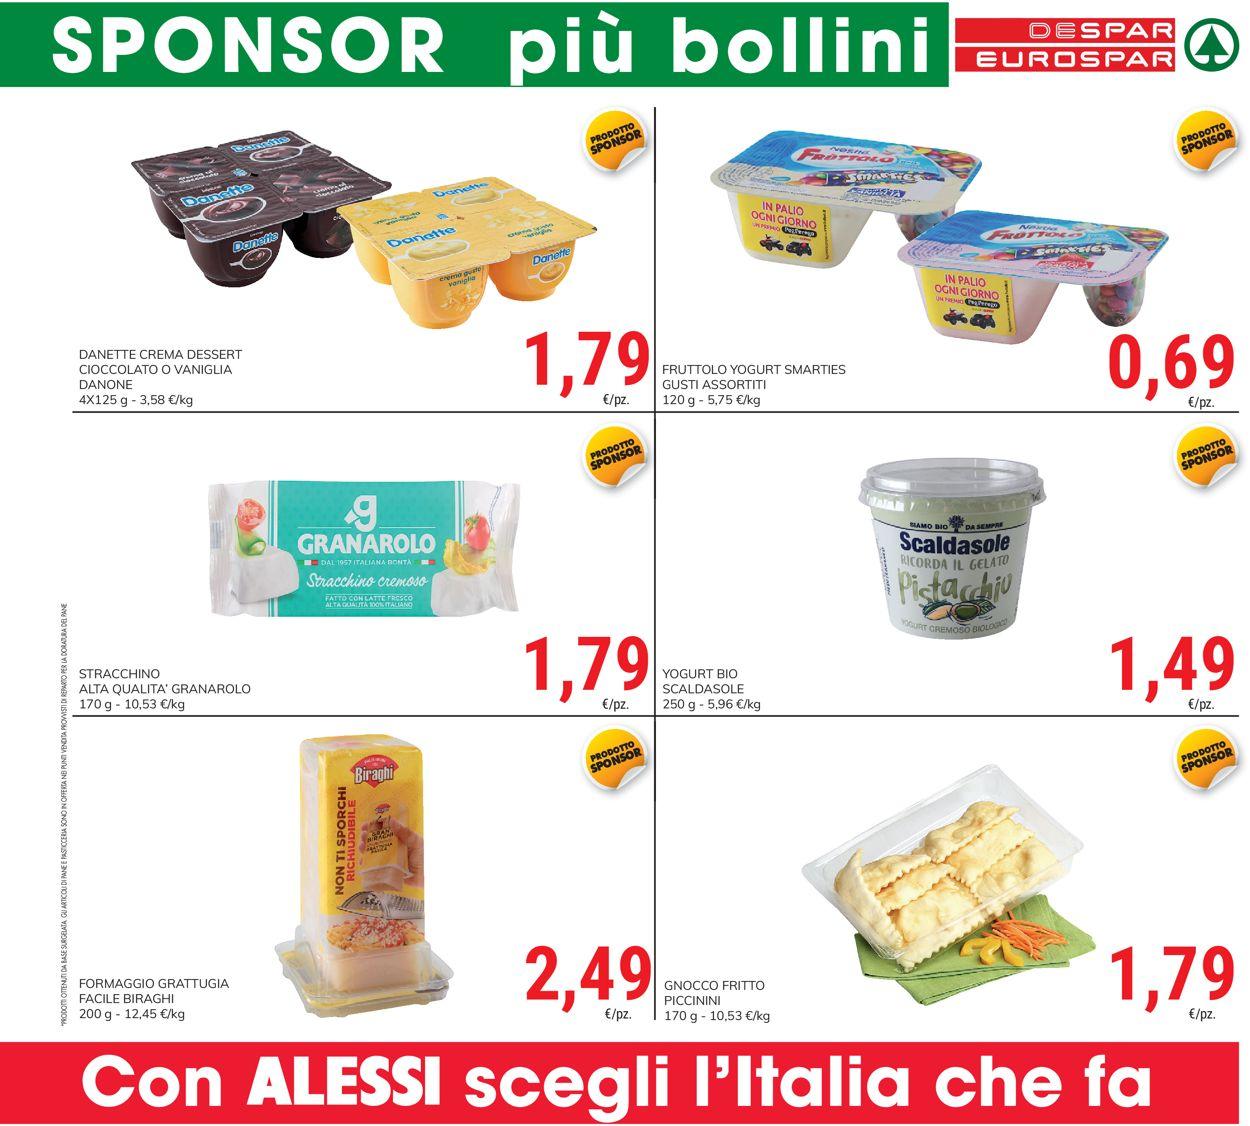 Volantino Eurospar - Offerte 03/06-13/06/2021 (Pagina 5)